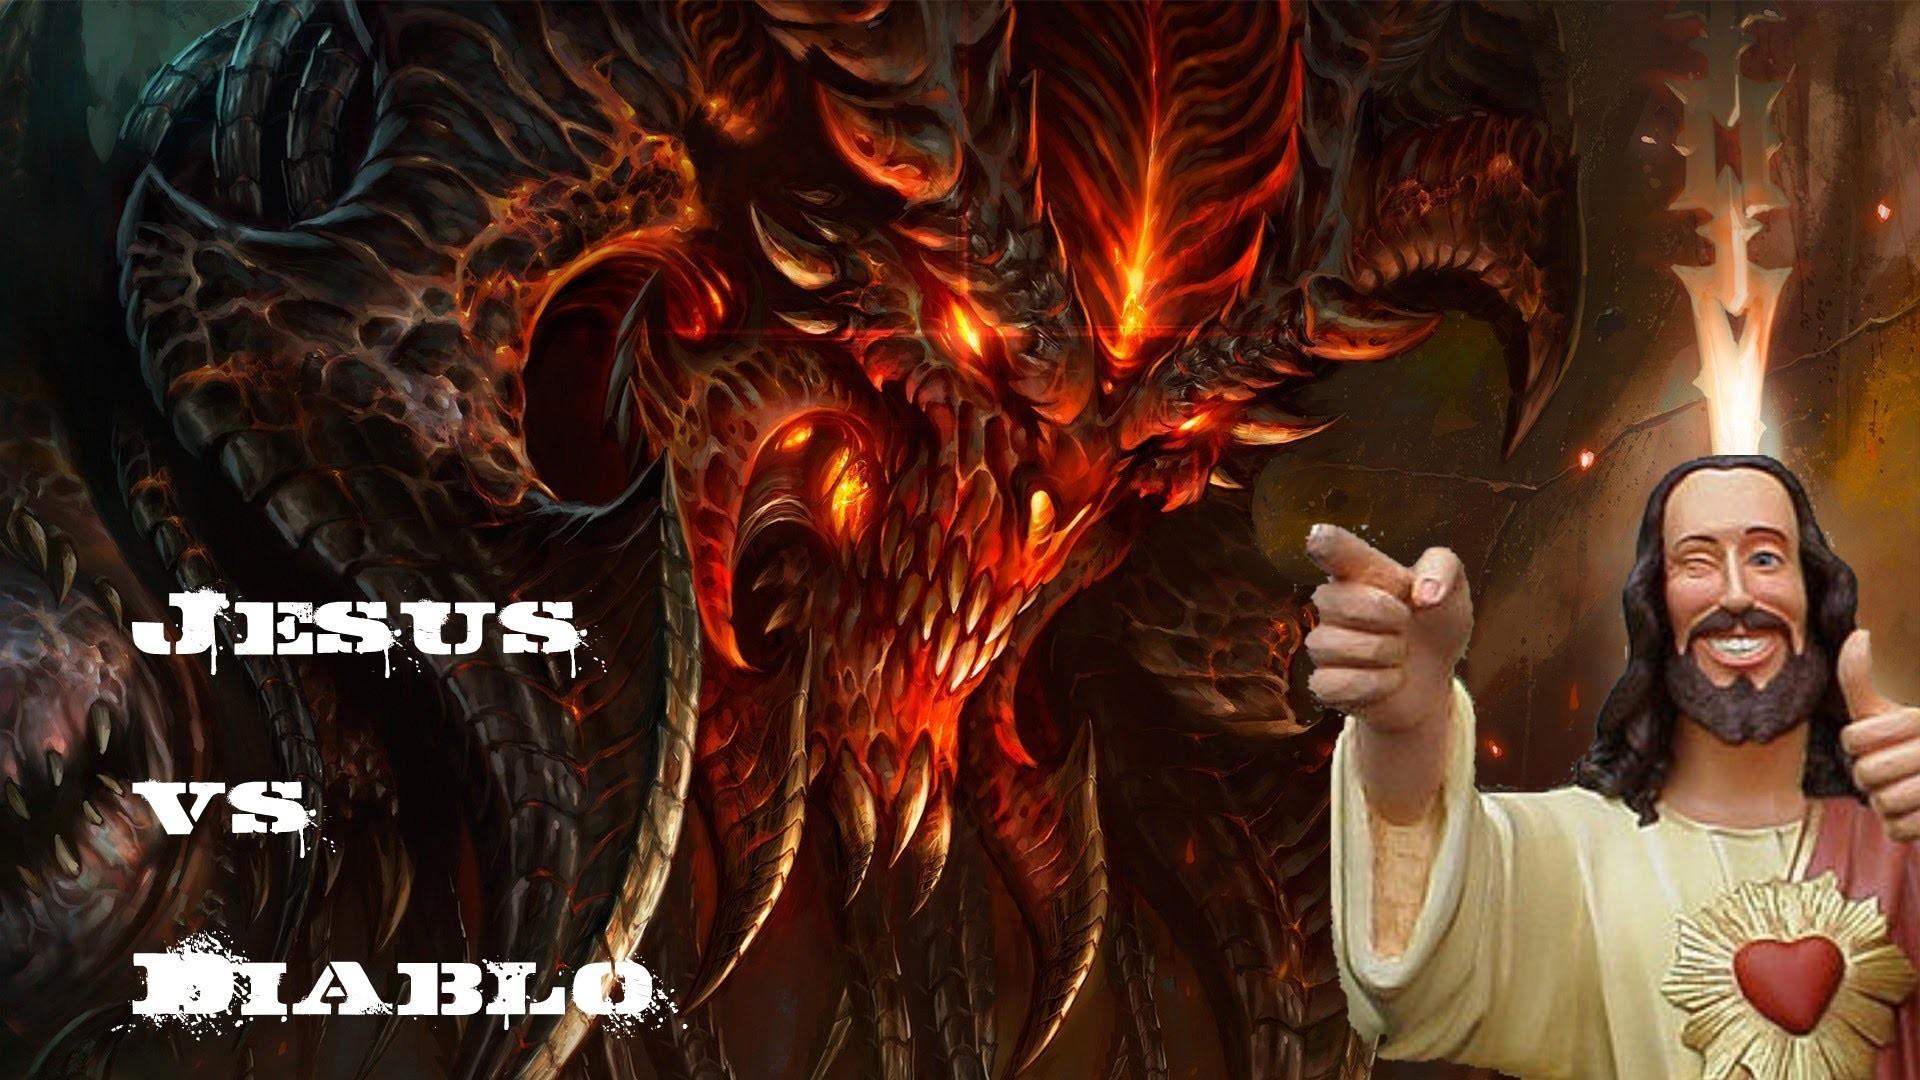 Diablo III – Jesus Vs. Diablo (Normal Monk)